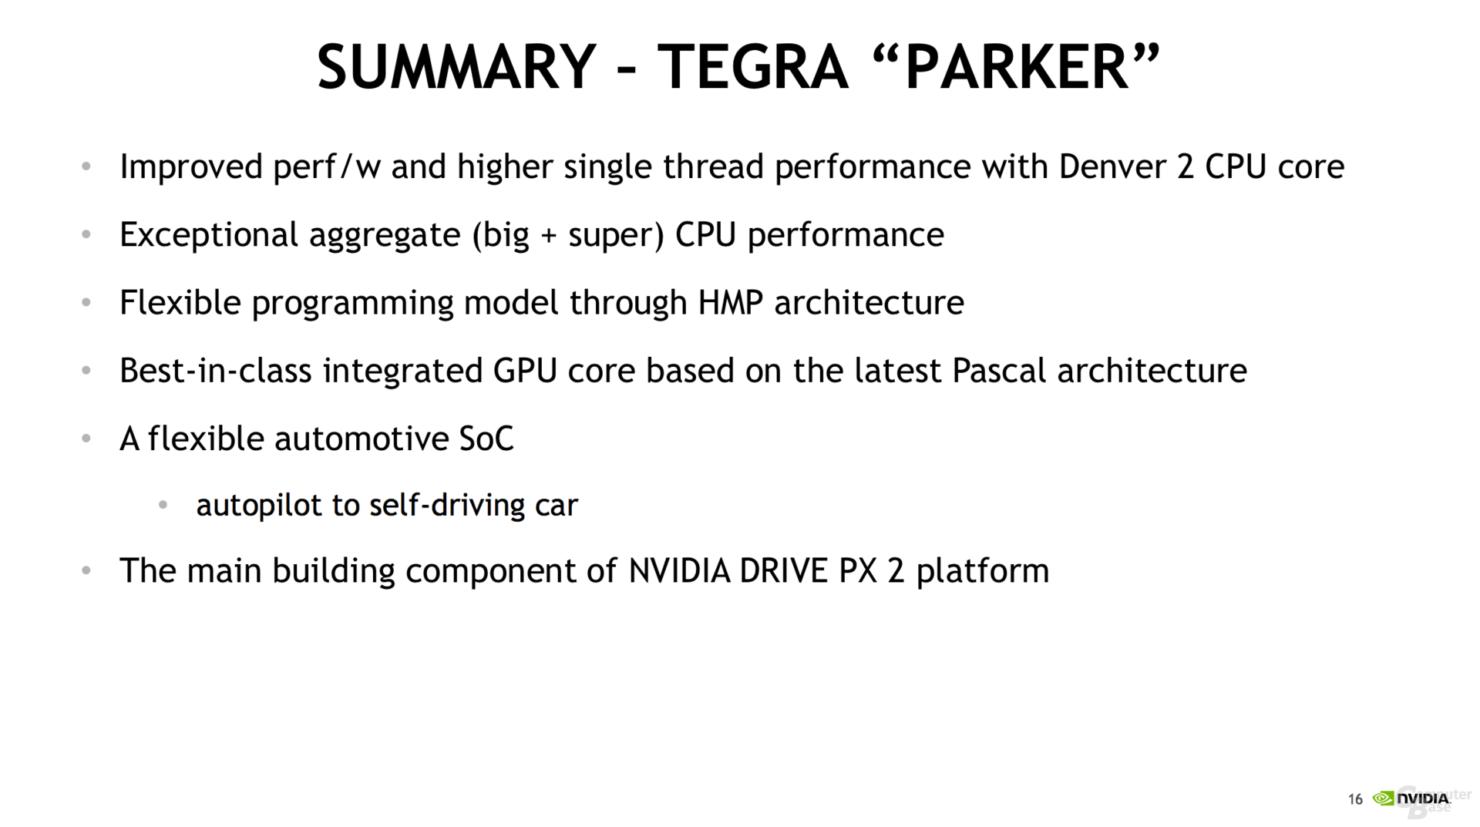 nvidia-tegra-parker-soc_summary